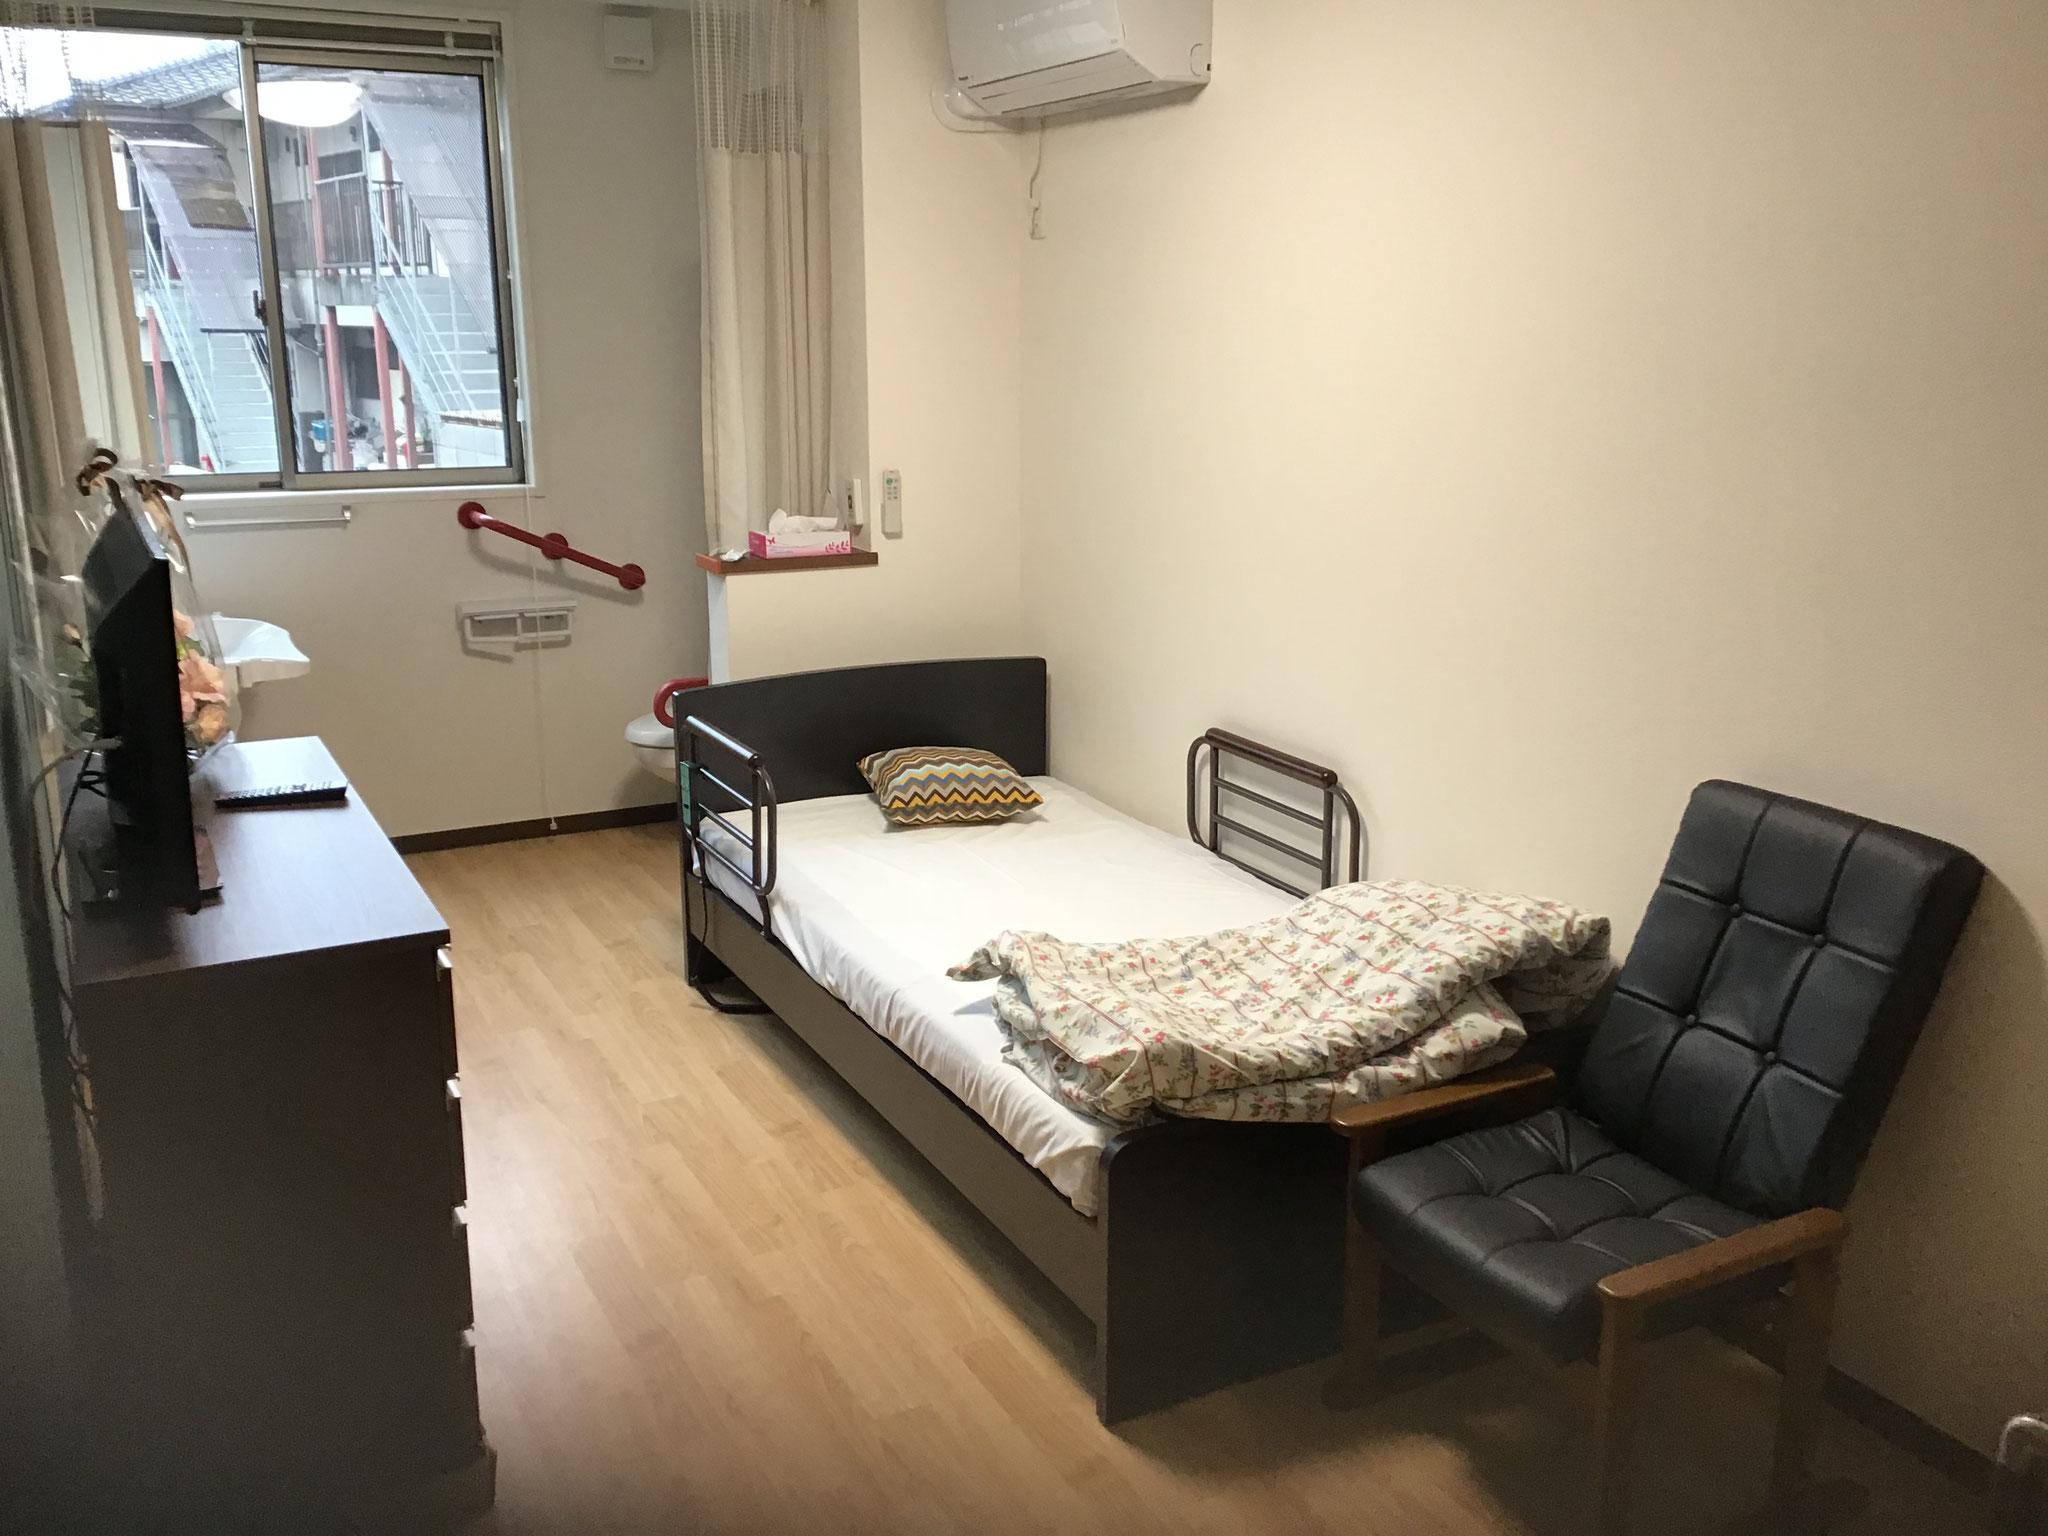 居室 モデルルーム ホテルのようなお部屋と好評頂いています。